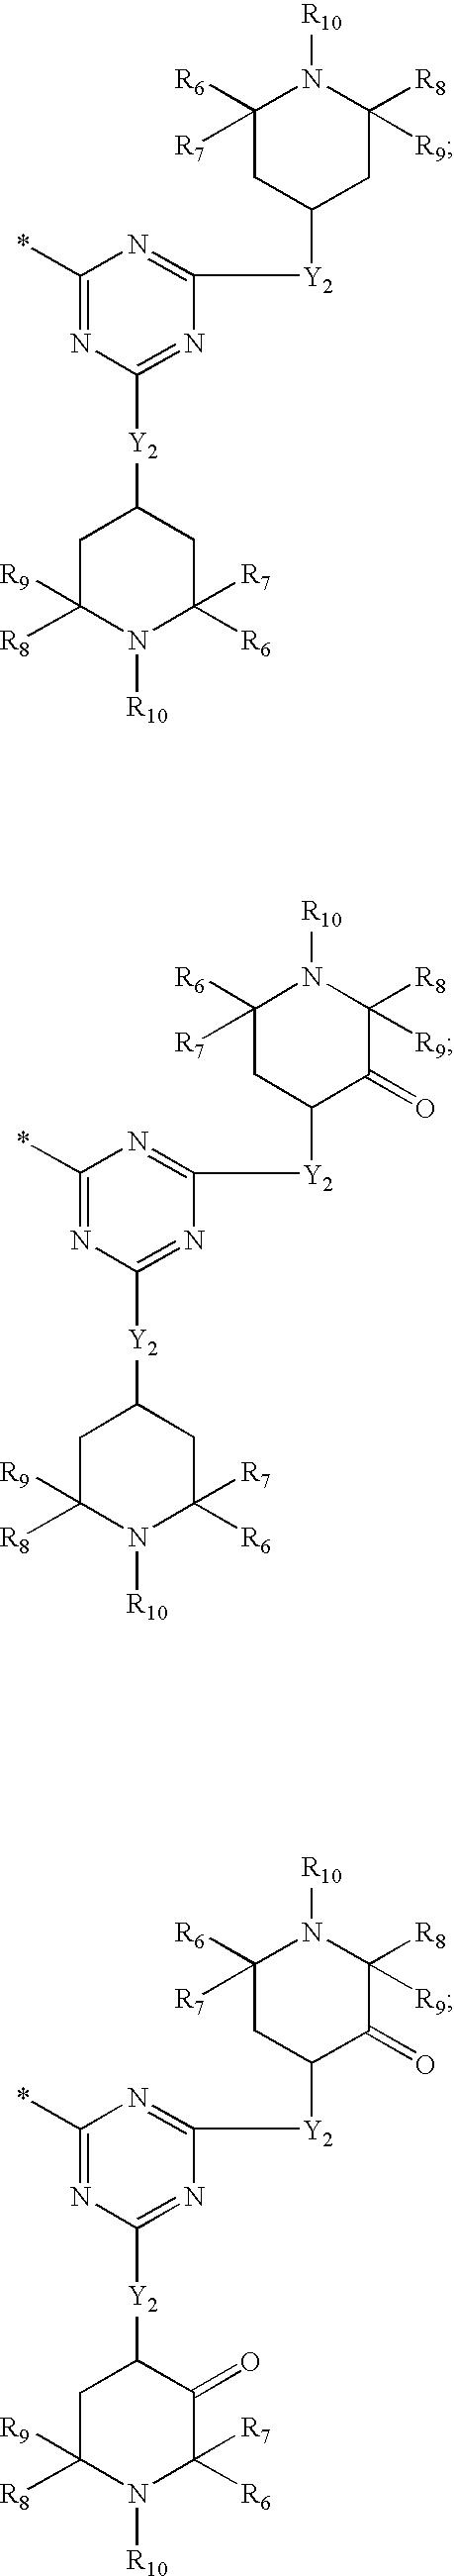 Figure US20070015883A1-20070118-C00020